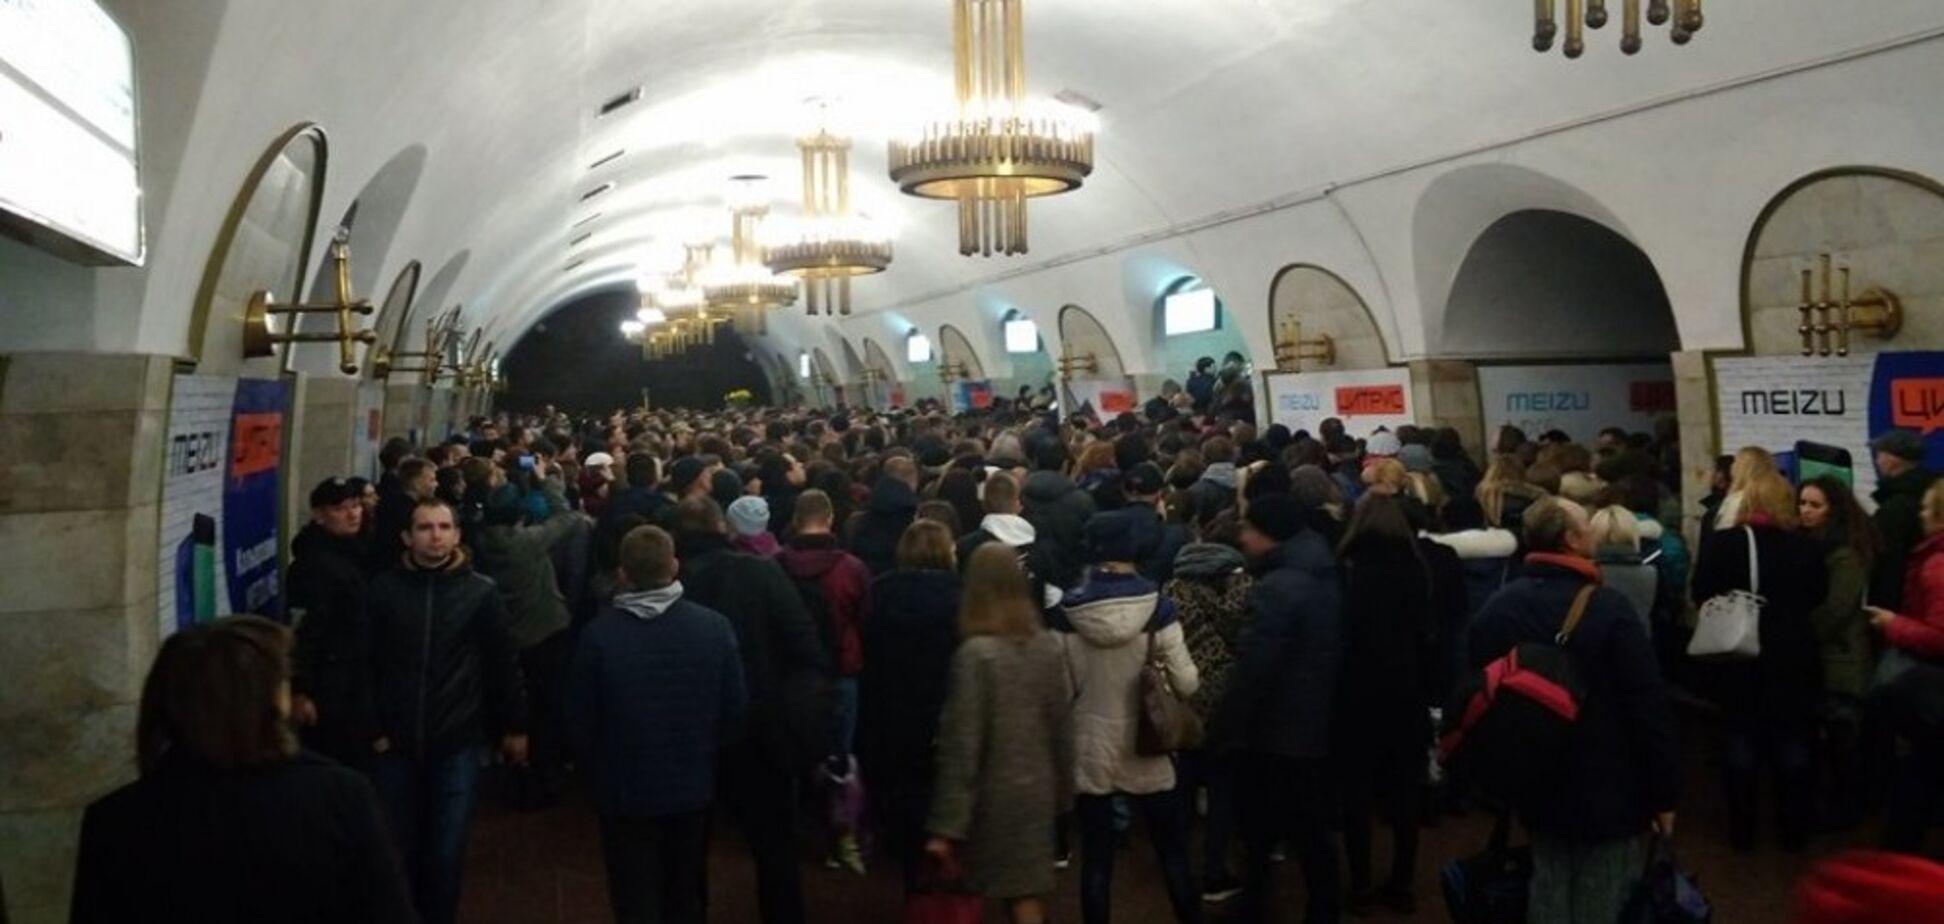 Пекло в метро Києва: опубліковані кадри масової тисняви